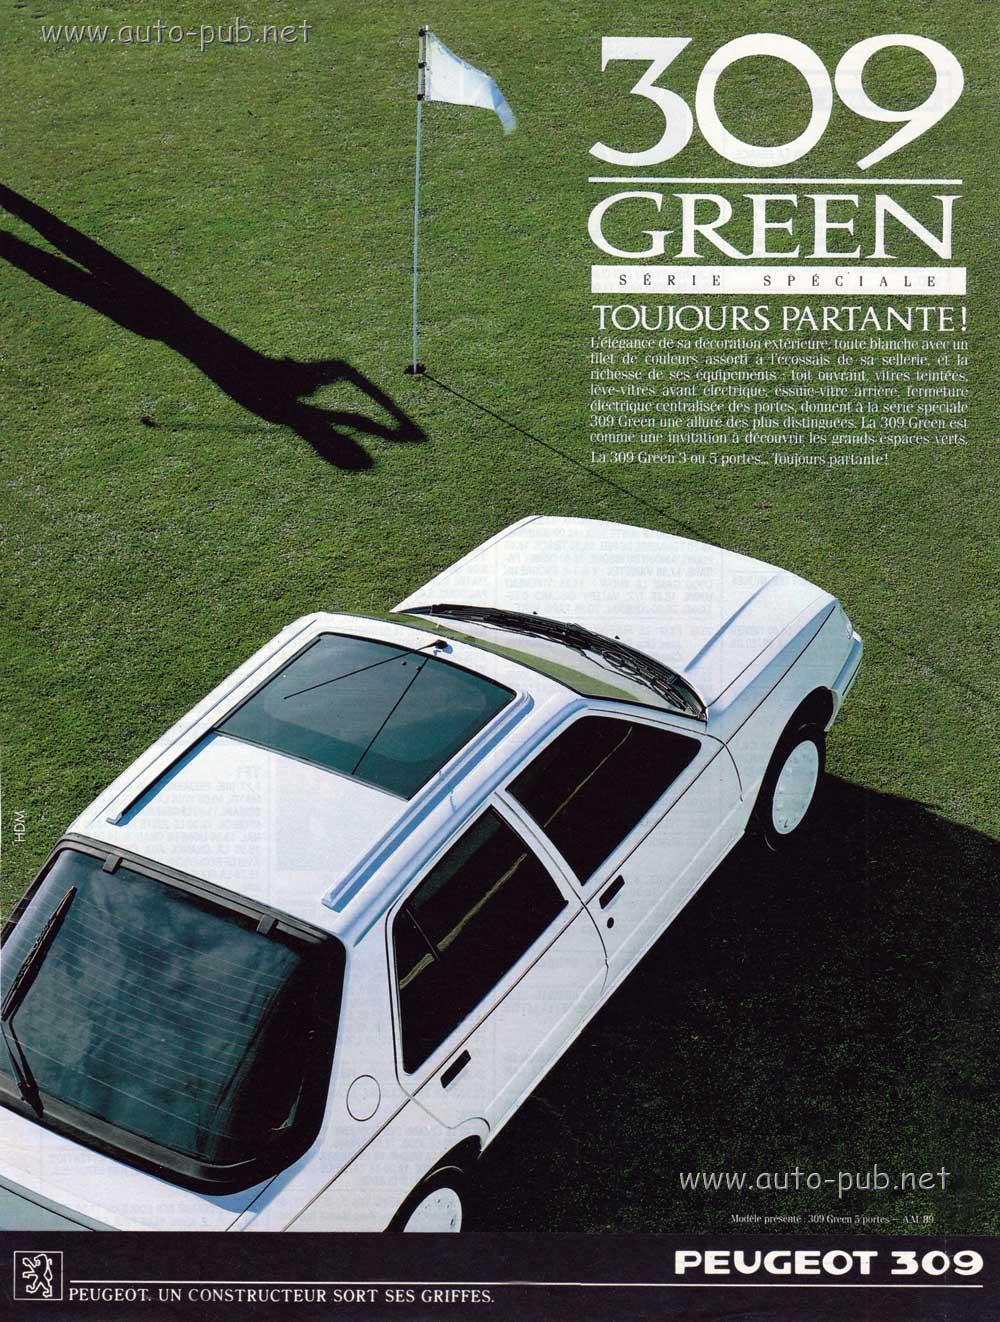 Peugeot-309-SL-Green-2